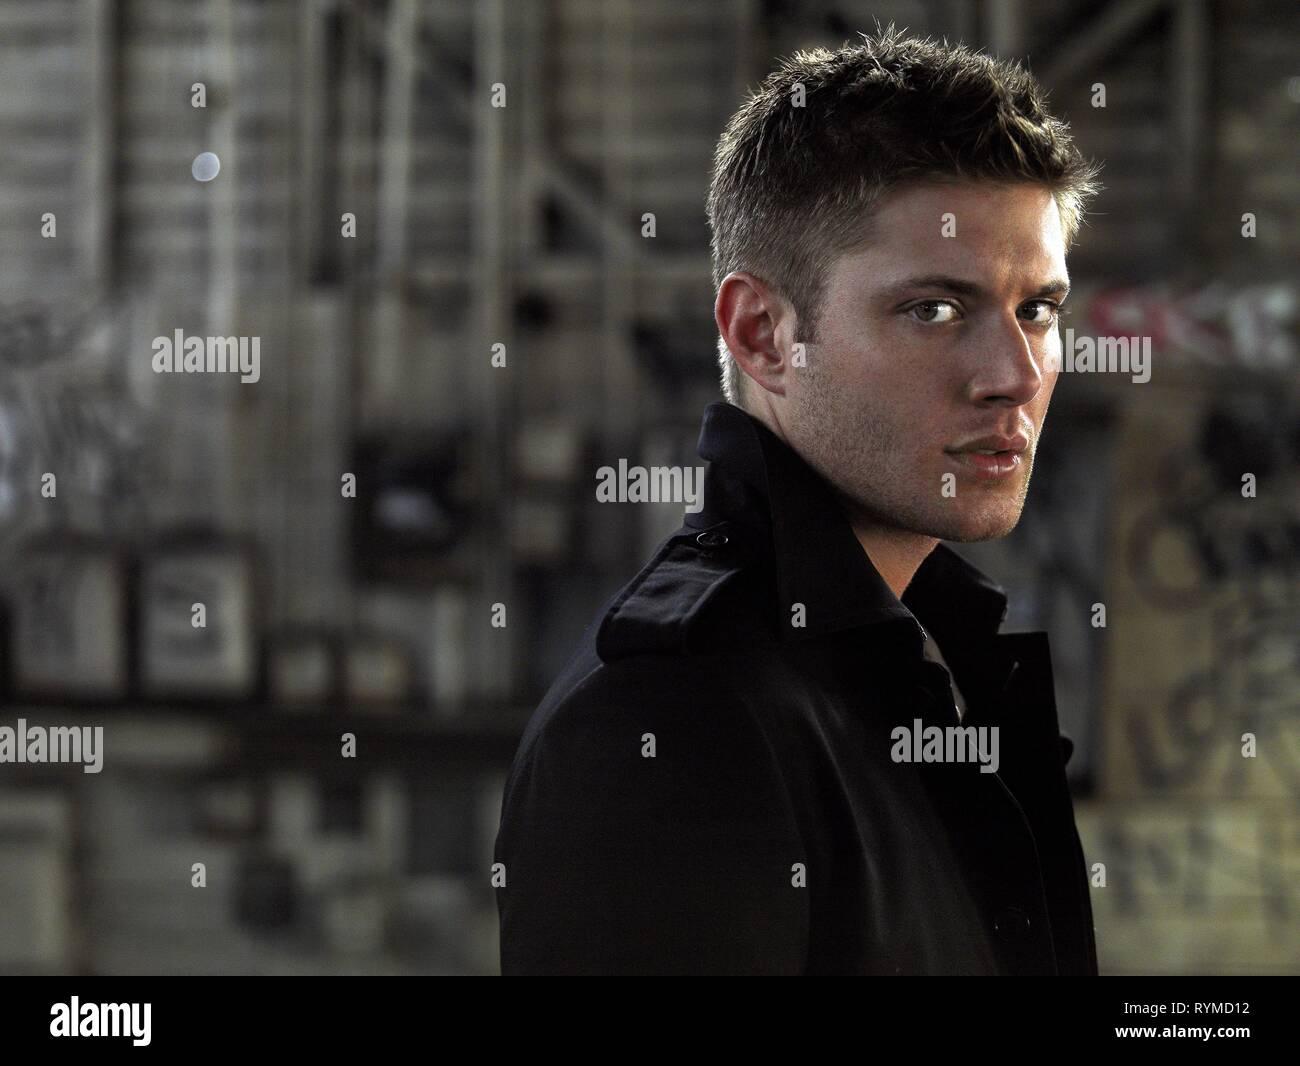 Supernatural Stock Photos & Supernatural Stock Images - Alamy